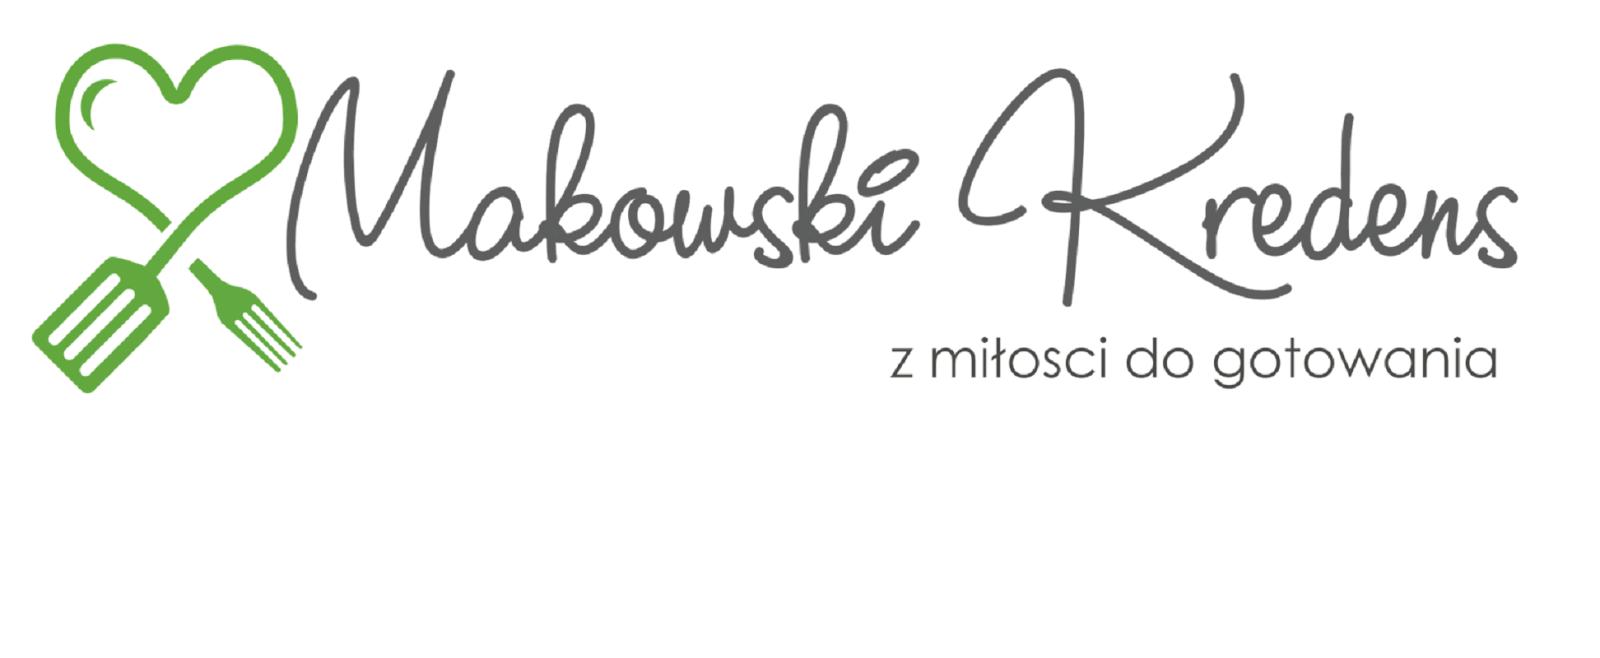 Zainspiruj się naszymi produktami - makowskikredens.pl